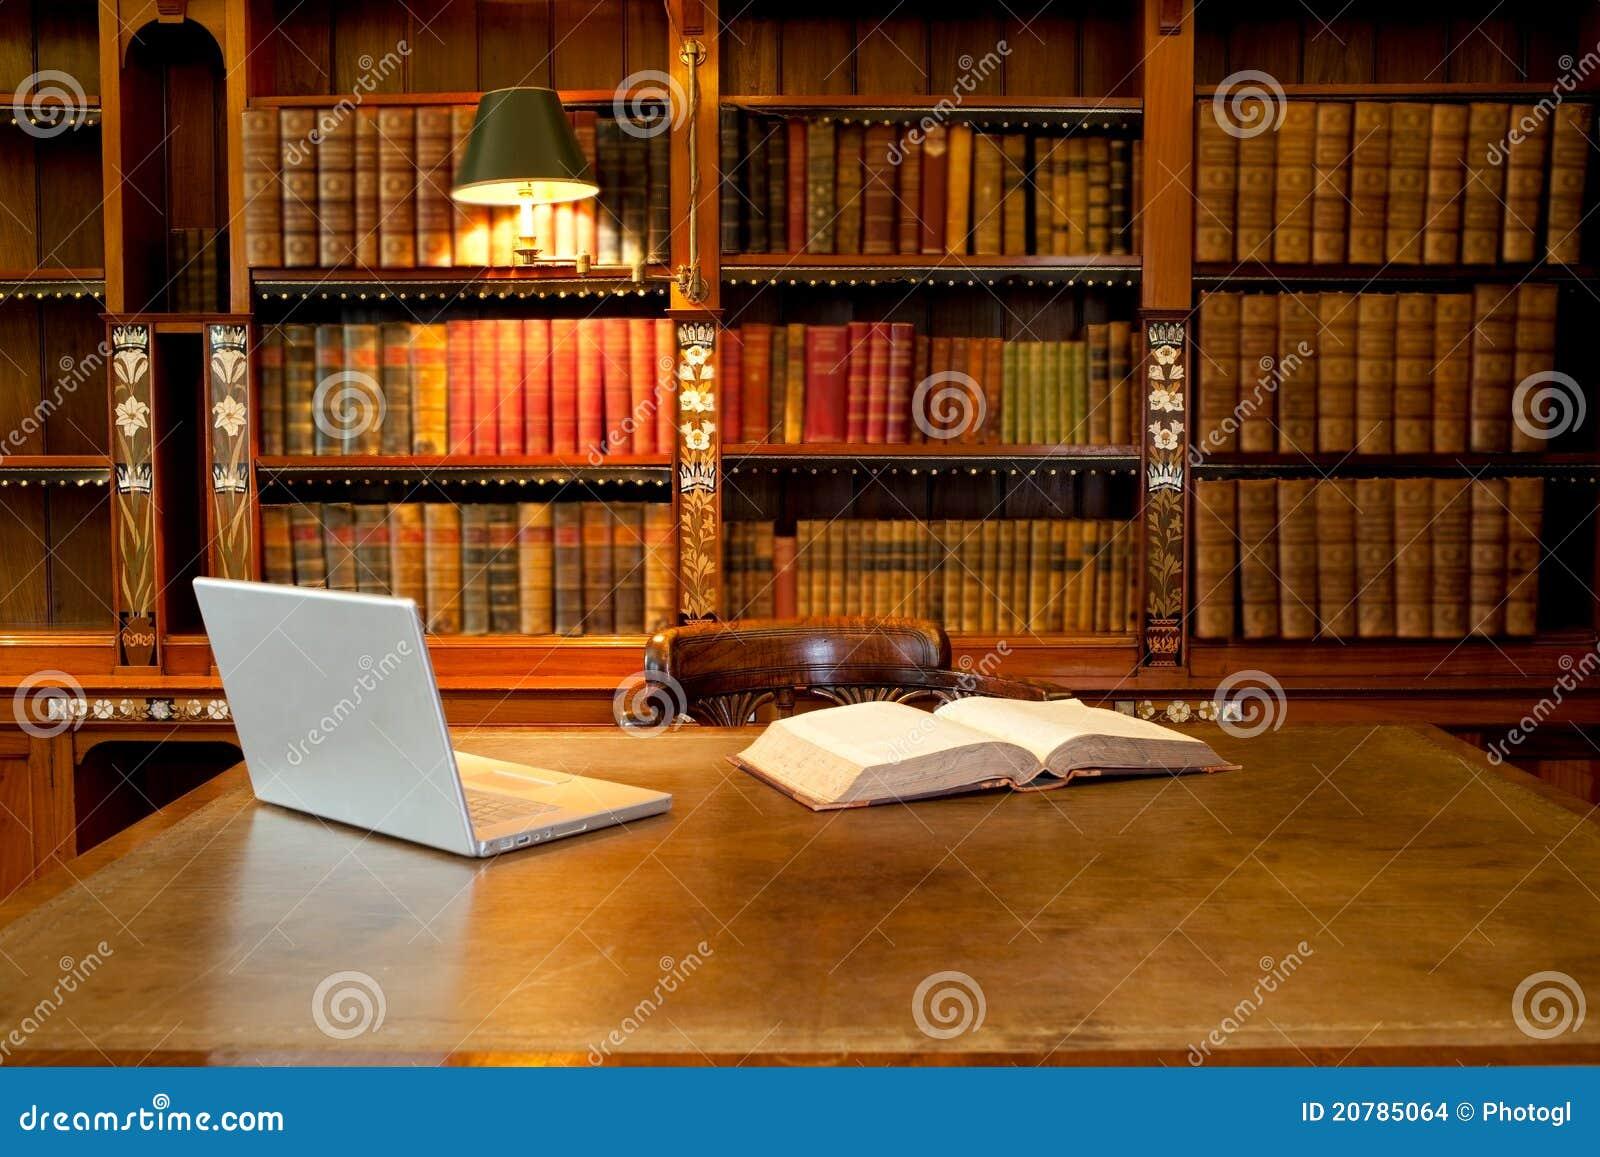 Biblioteca computador e mesa imagens de stock imagem for Mesa biblioteca